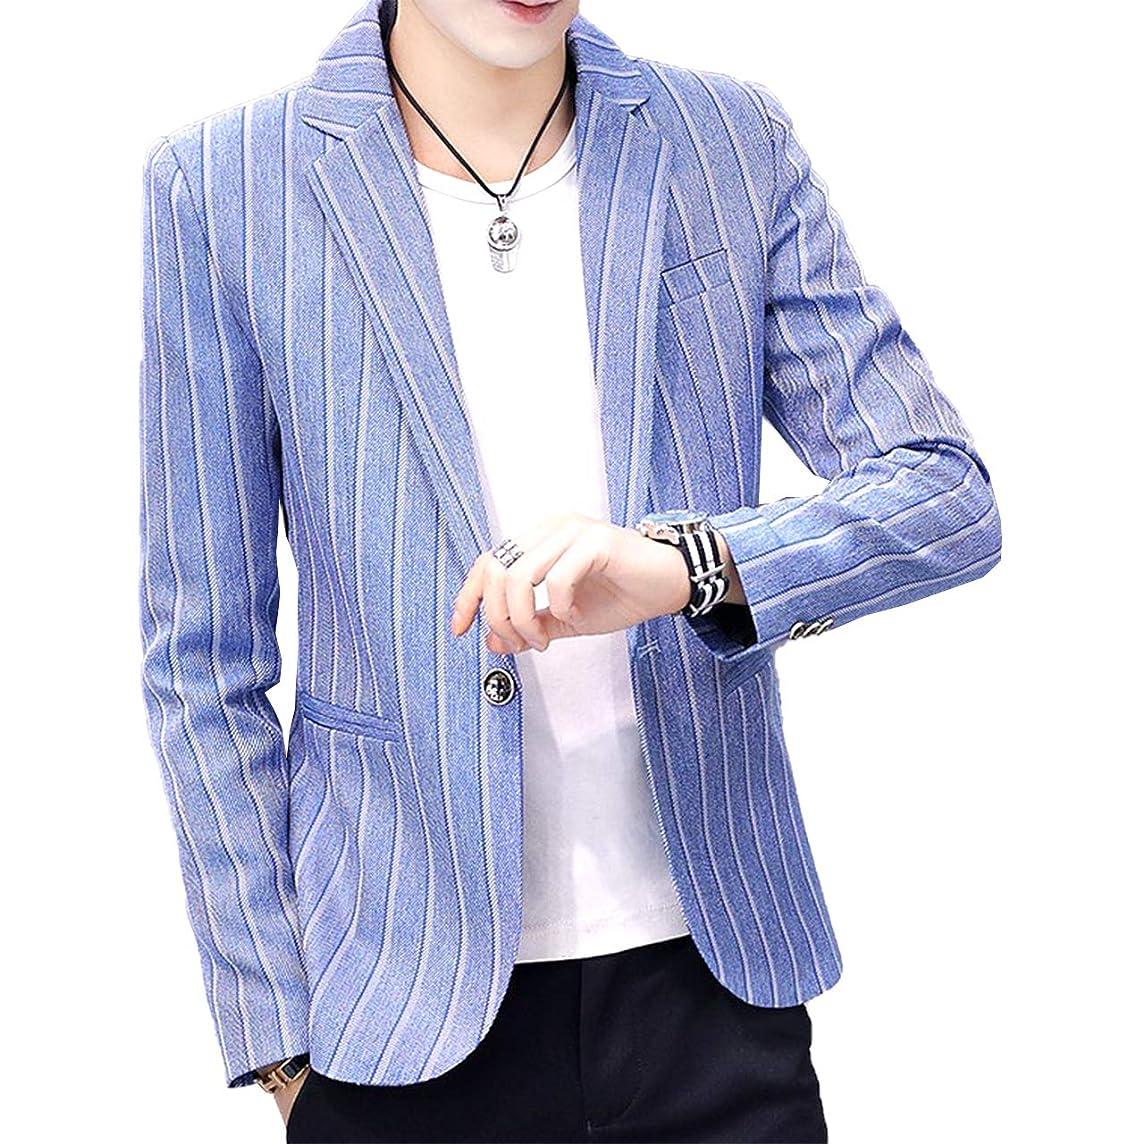 微生物再現するぴったり[Agree With(アグリーウィズ)] テーラードジャケット カジュアル ファッションスーツ ビジネス ストレッチ メンズ